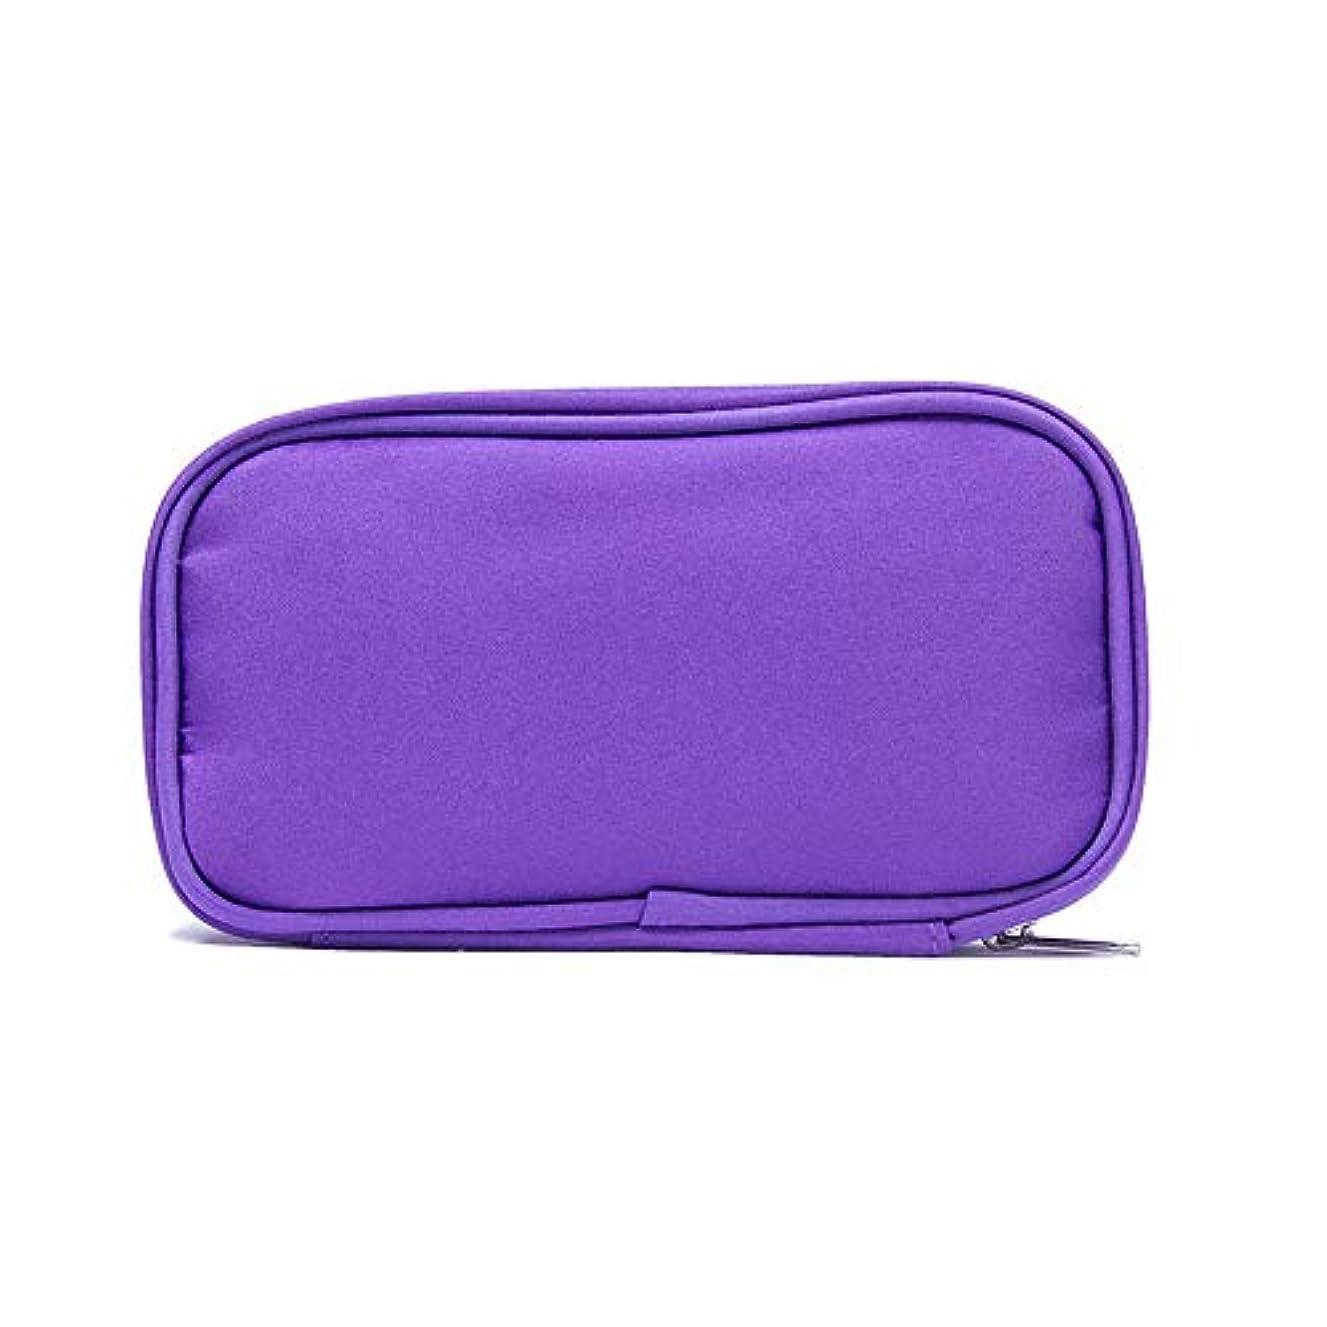 平凡代わりに前兆精油ケース 10本のボトル用エッセンシャルオイルの収納ケースは、10?15mlのバイアル3色を保持します 携帯便利 (色 : 紫の, サイズ : 17.5X6X10CM)